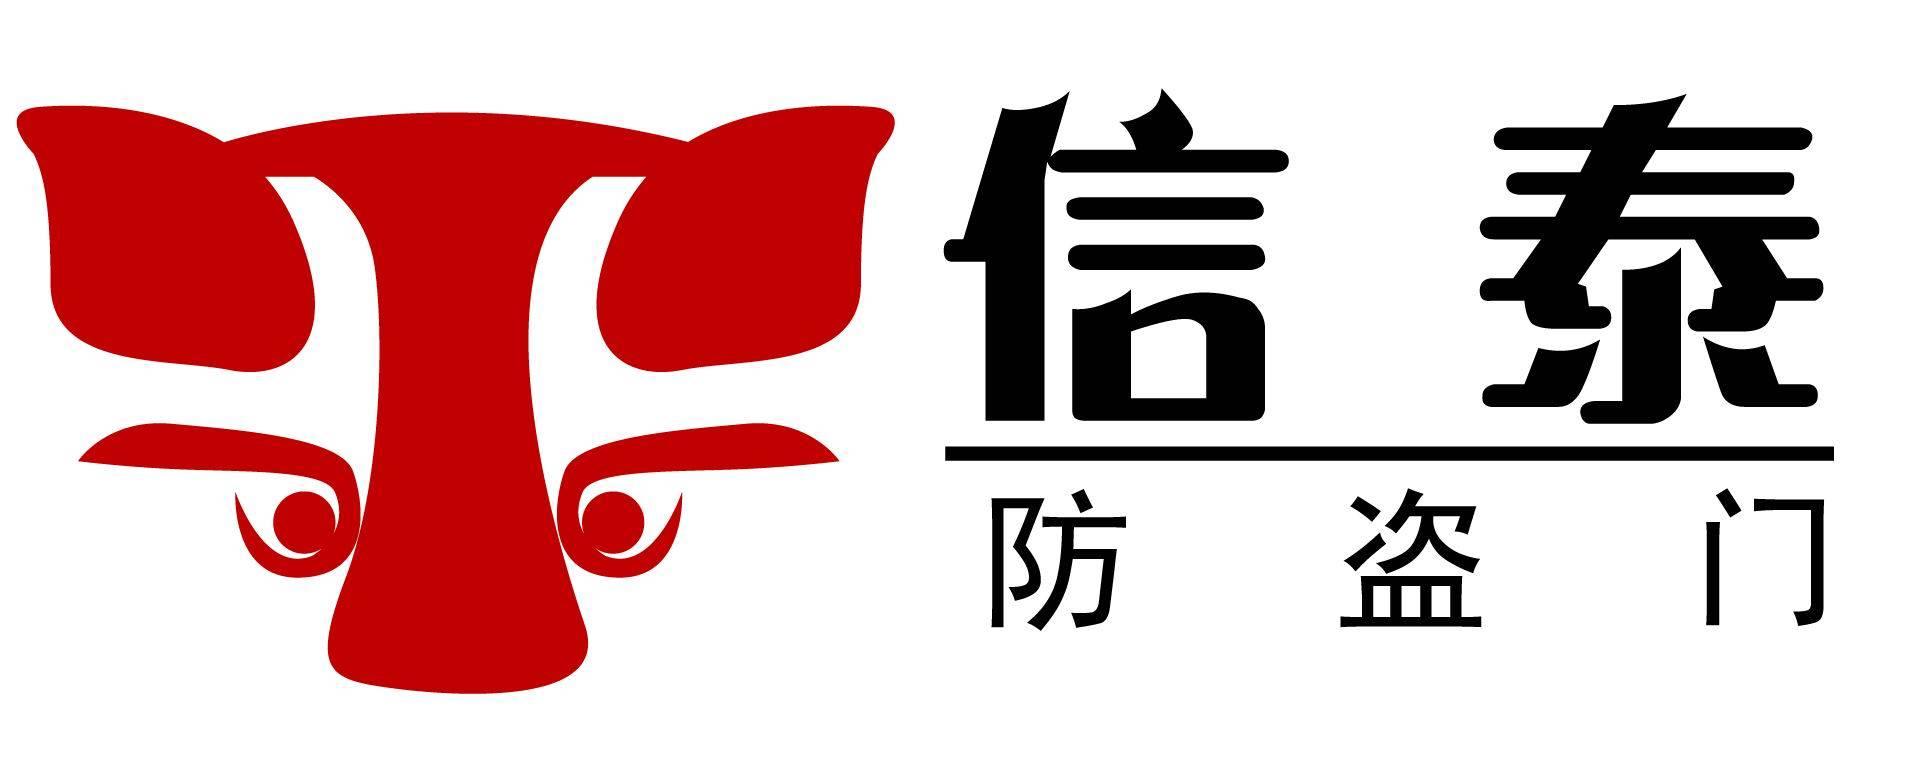 logo logo 标志 设计 矢量 矢量图 素材 图标 1930_760